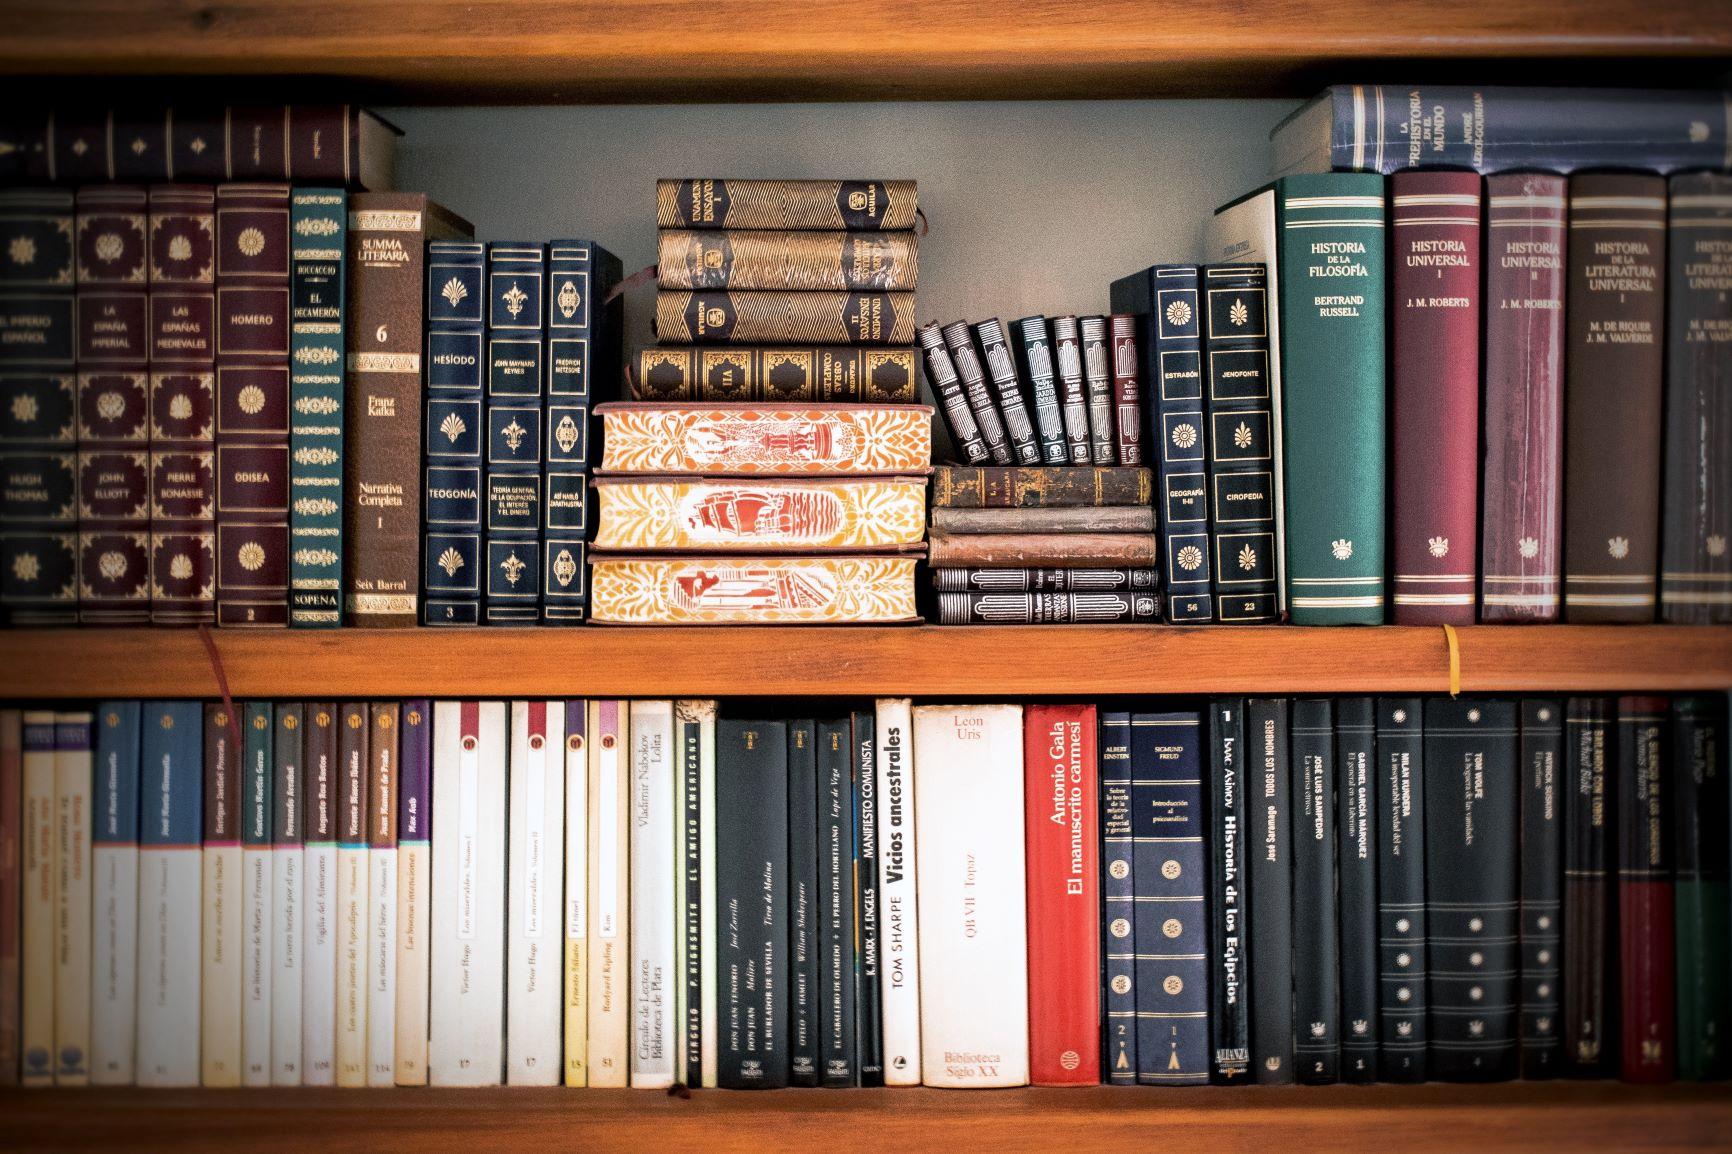 full bookshelf - stacked books.